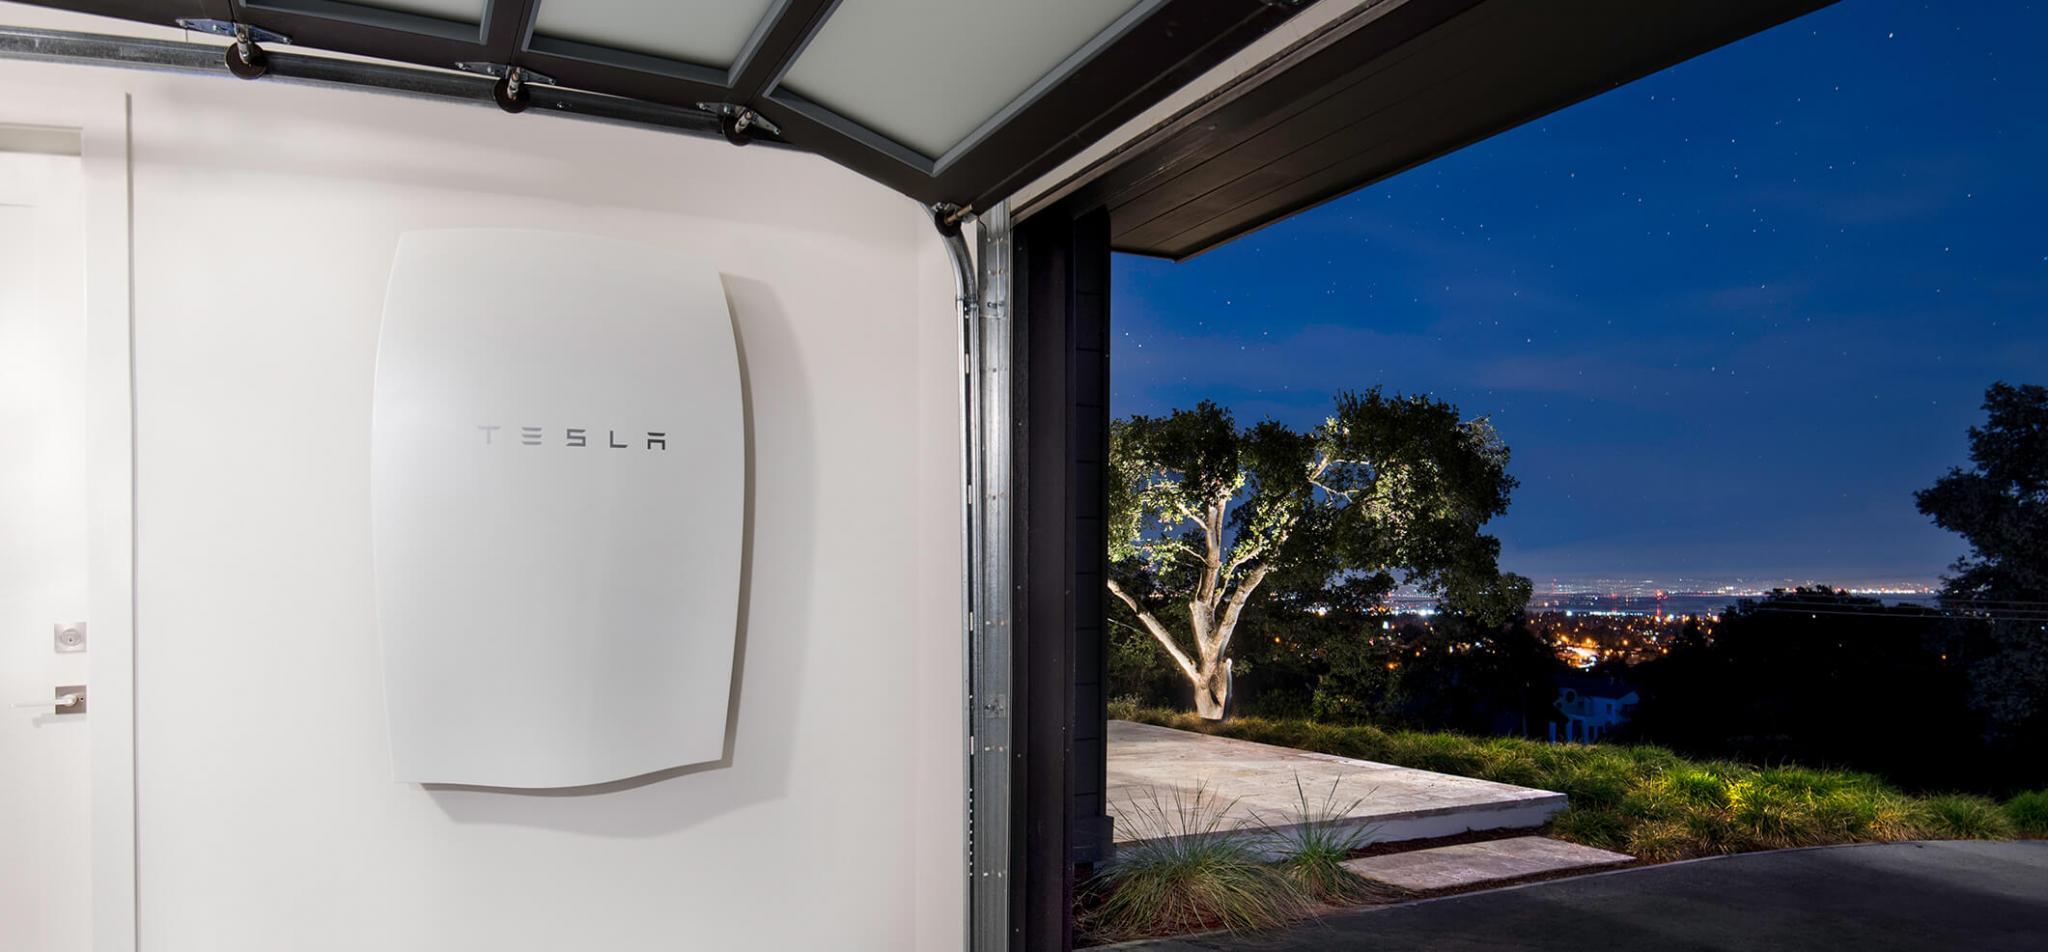 Top 5 phát minh của Tesla bên cạnh xe hơi chạy điện